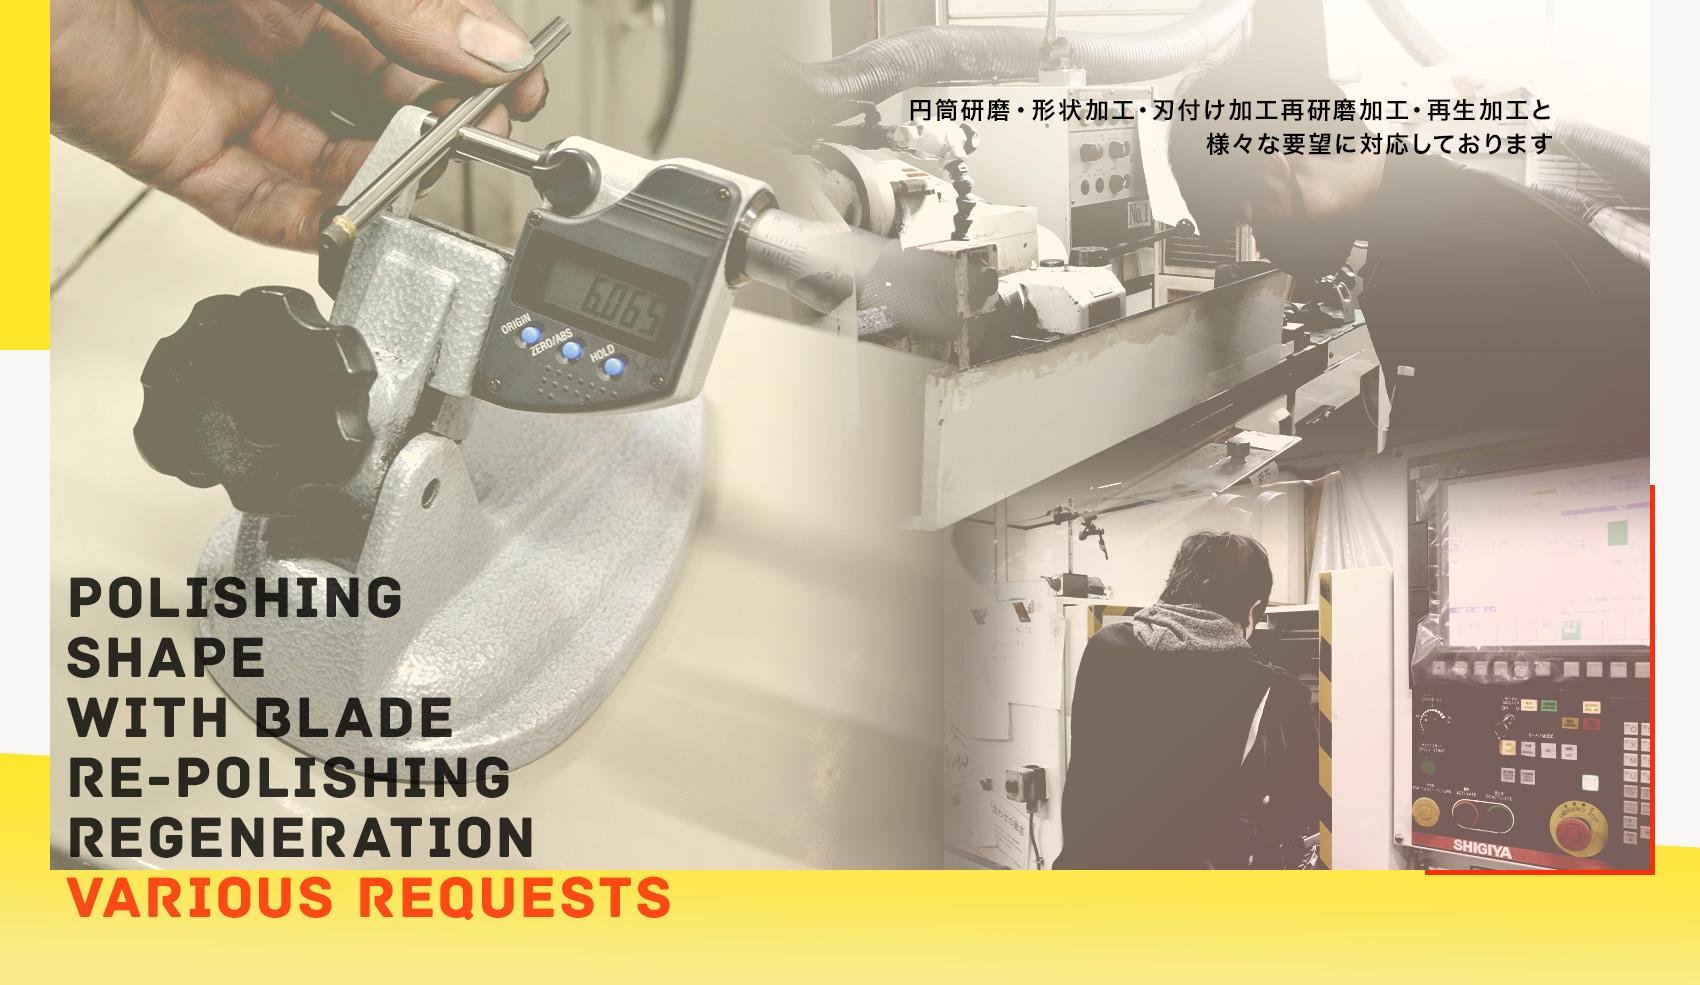 円筒研磨・形状加工・刃付け加工再研磨加工・再生加工と様々な要望に対応しております